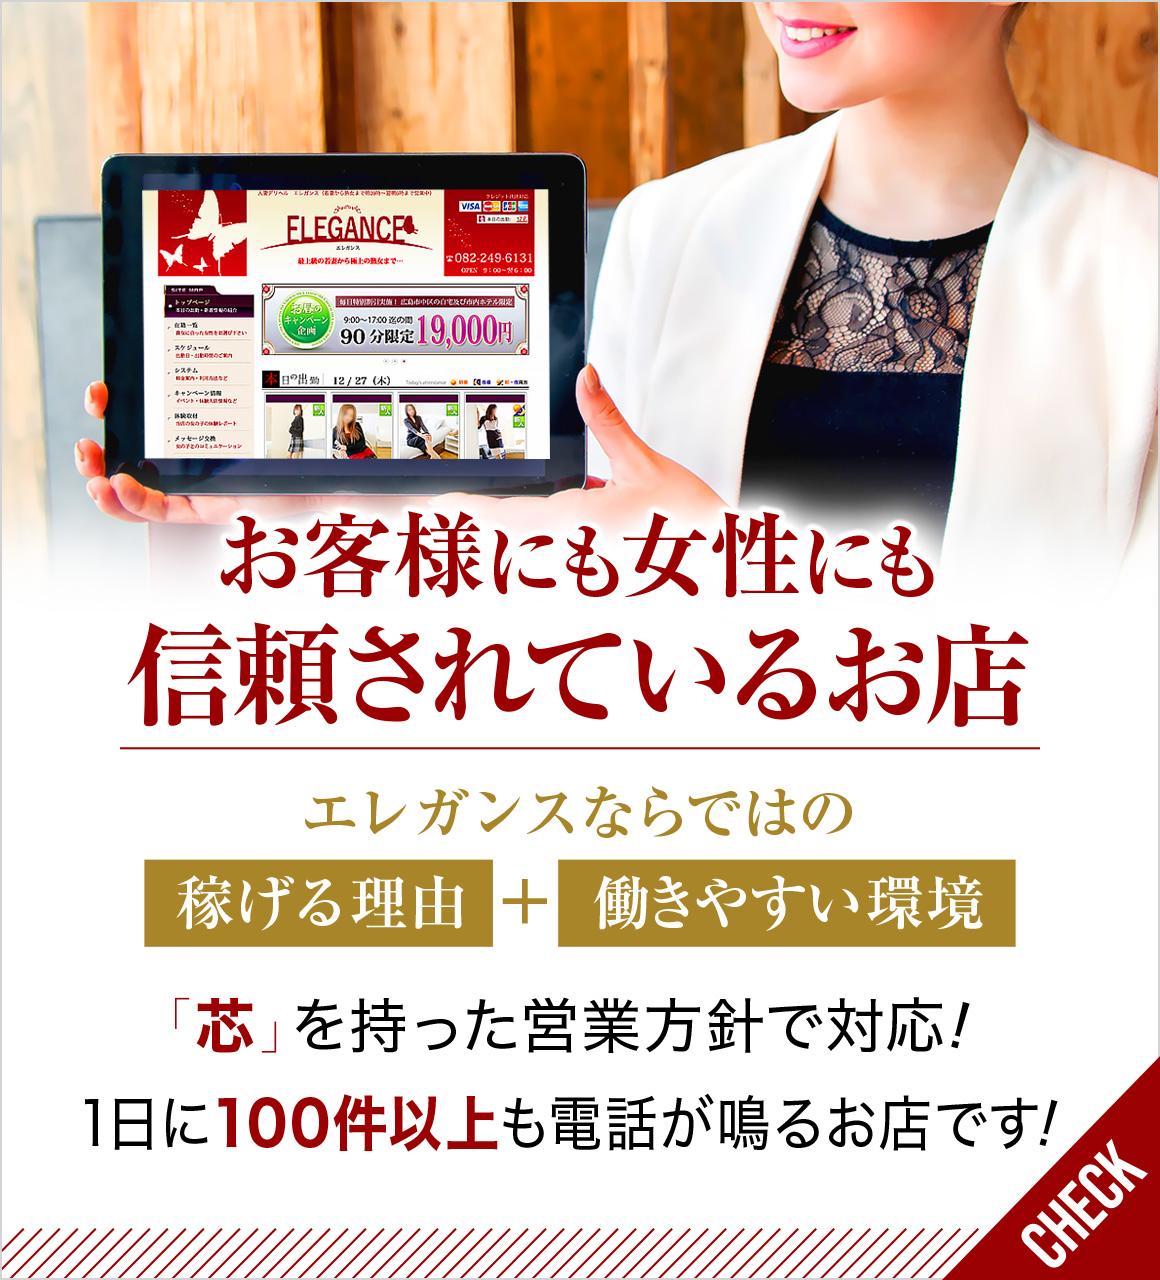 広島トップクラスの人妻デリヘル店【エレガンス】求人 お客様にも女性にも信頼されているお店